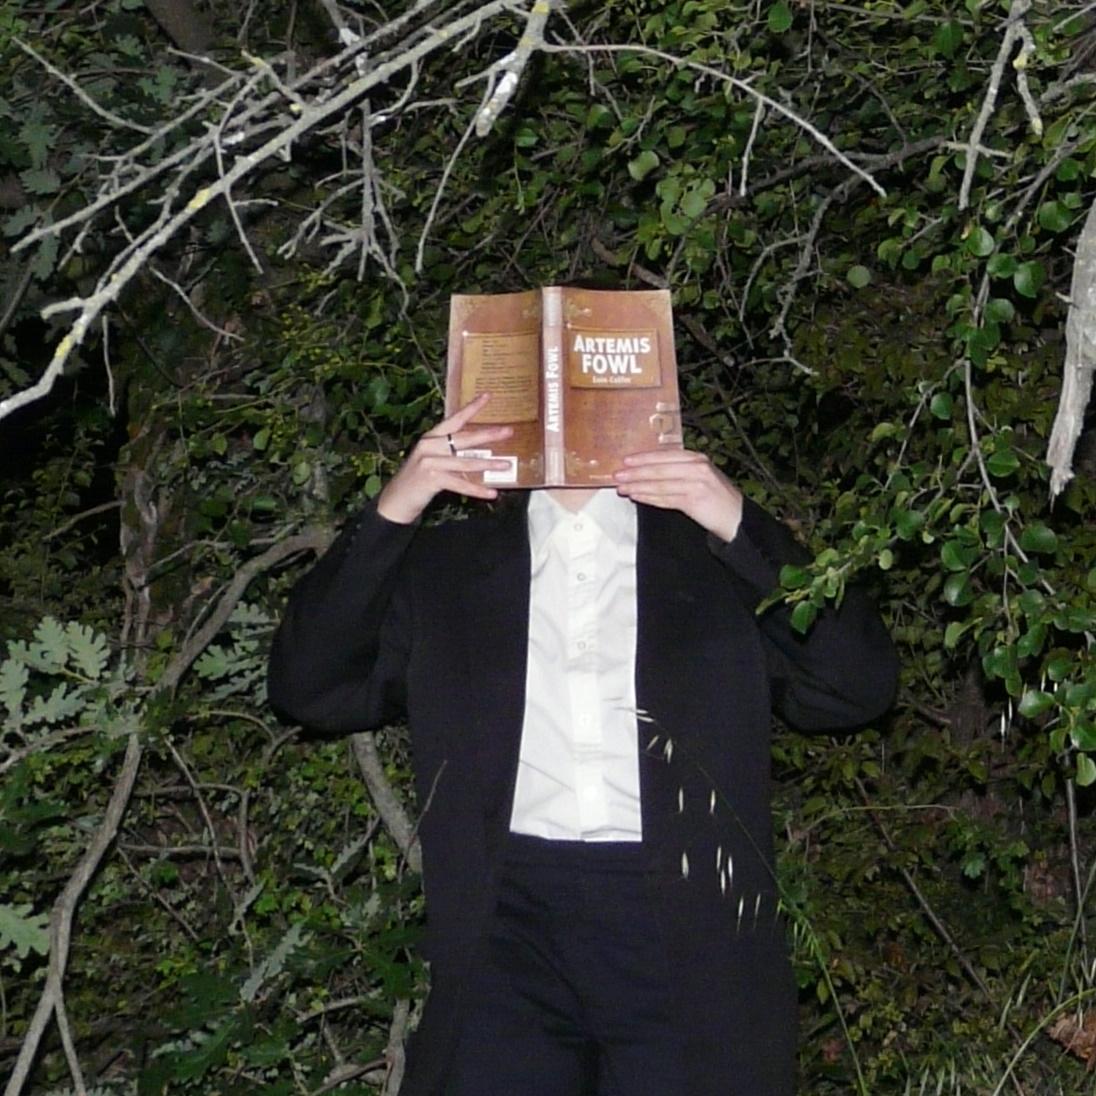 personne en costume noir et blanc lisant Artémis Fowl d'Eoin Colfer de nuit, devant des arbres